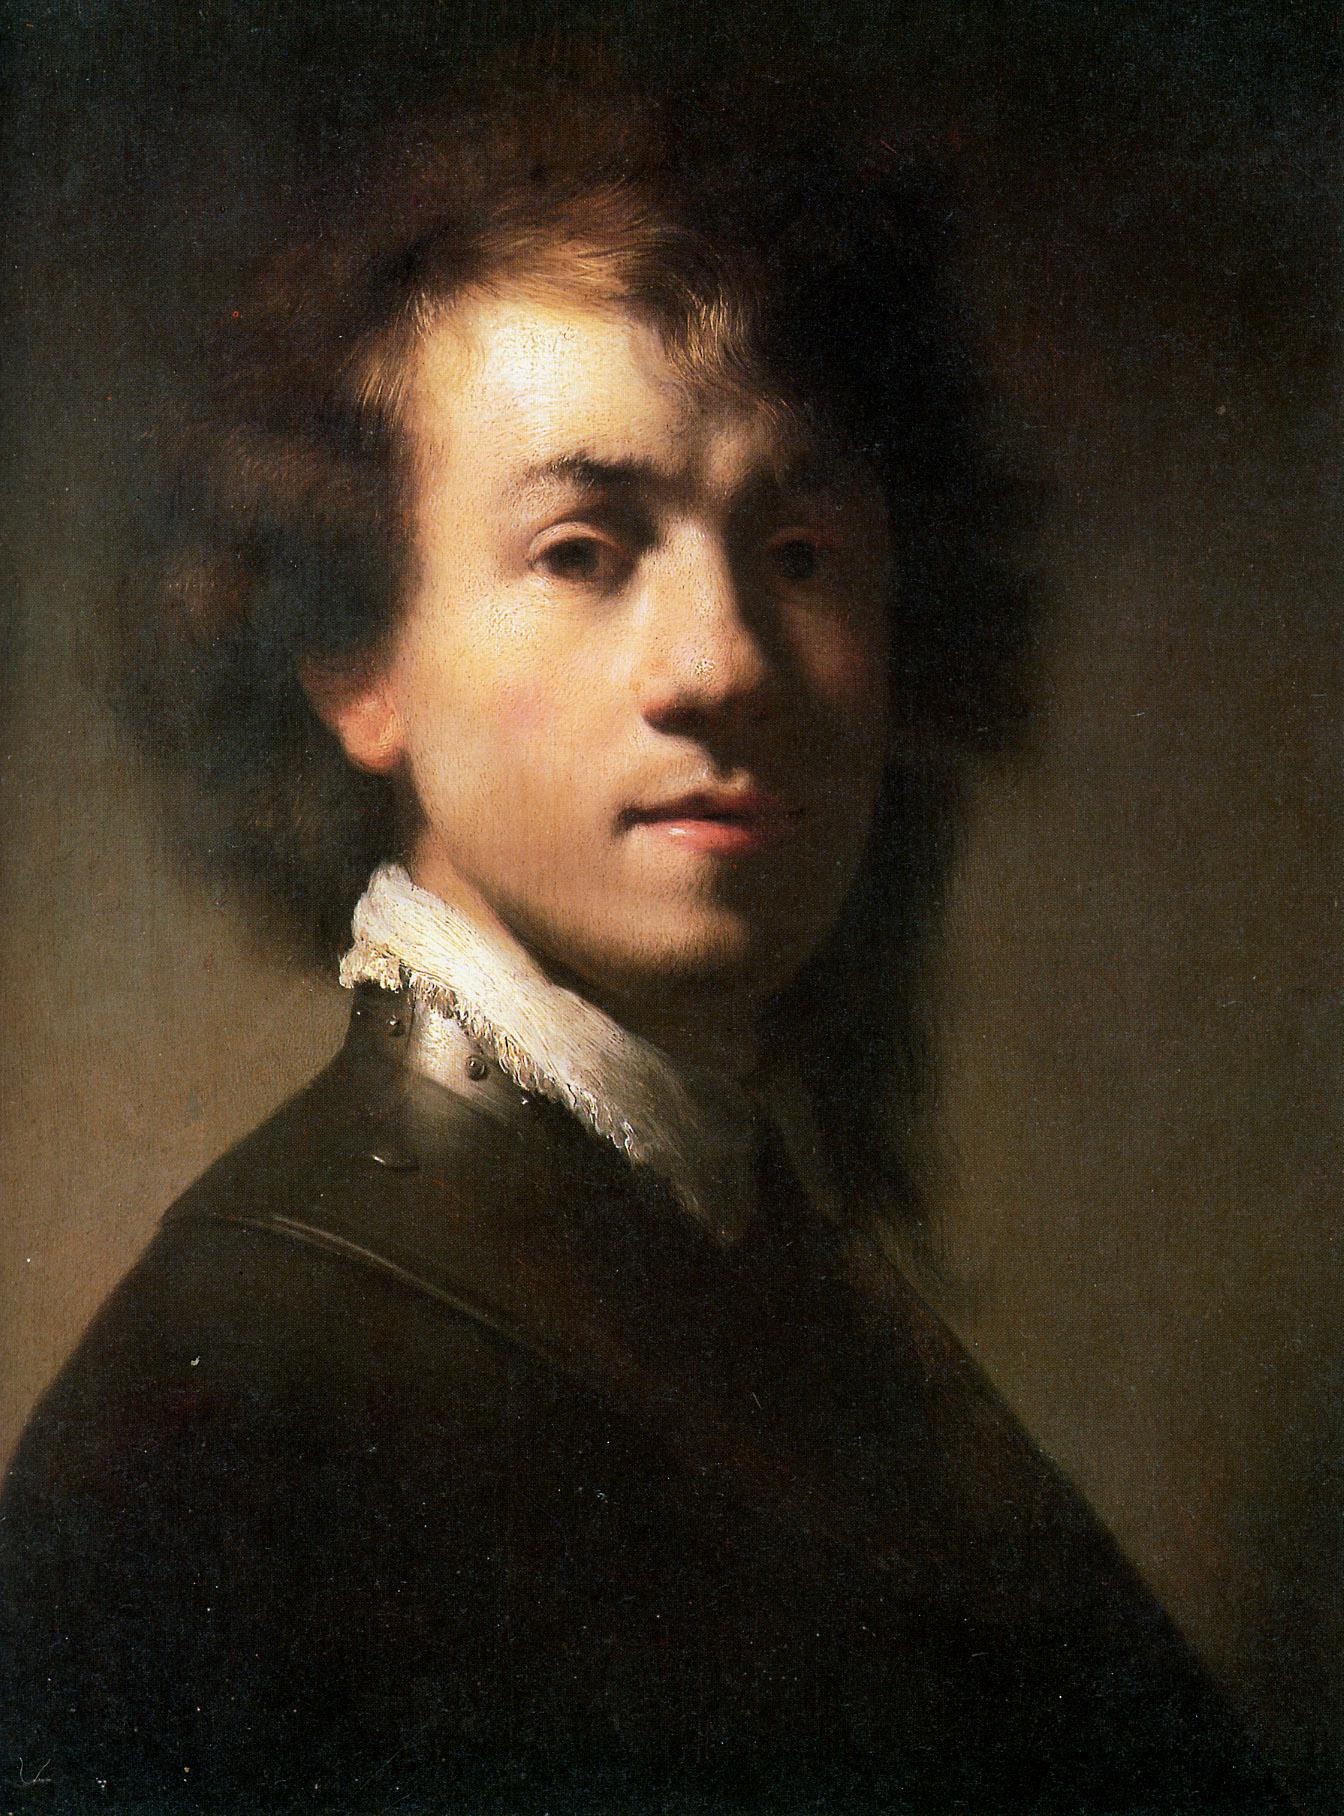 rembrandt van rijn Pinterest에서 roberta bolt님의 보드 rembrandt van rijn을(를) 팔로우하세요 | 네덜란드, 유화 및 바로크 양식에 관한 더 많은 아이디어를 확인해 보세요.